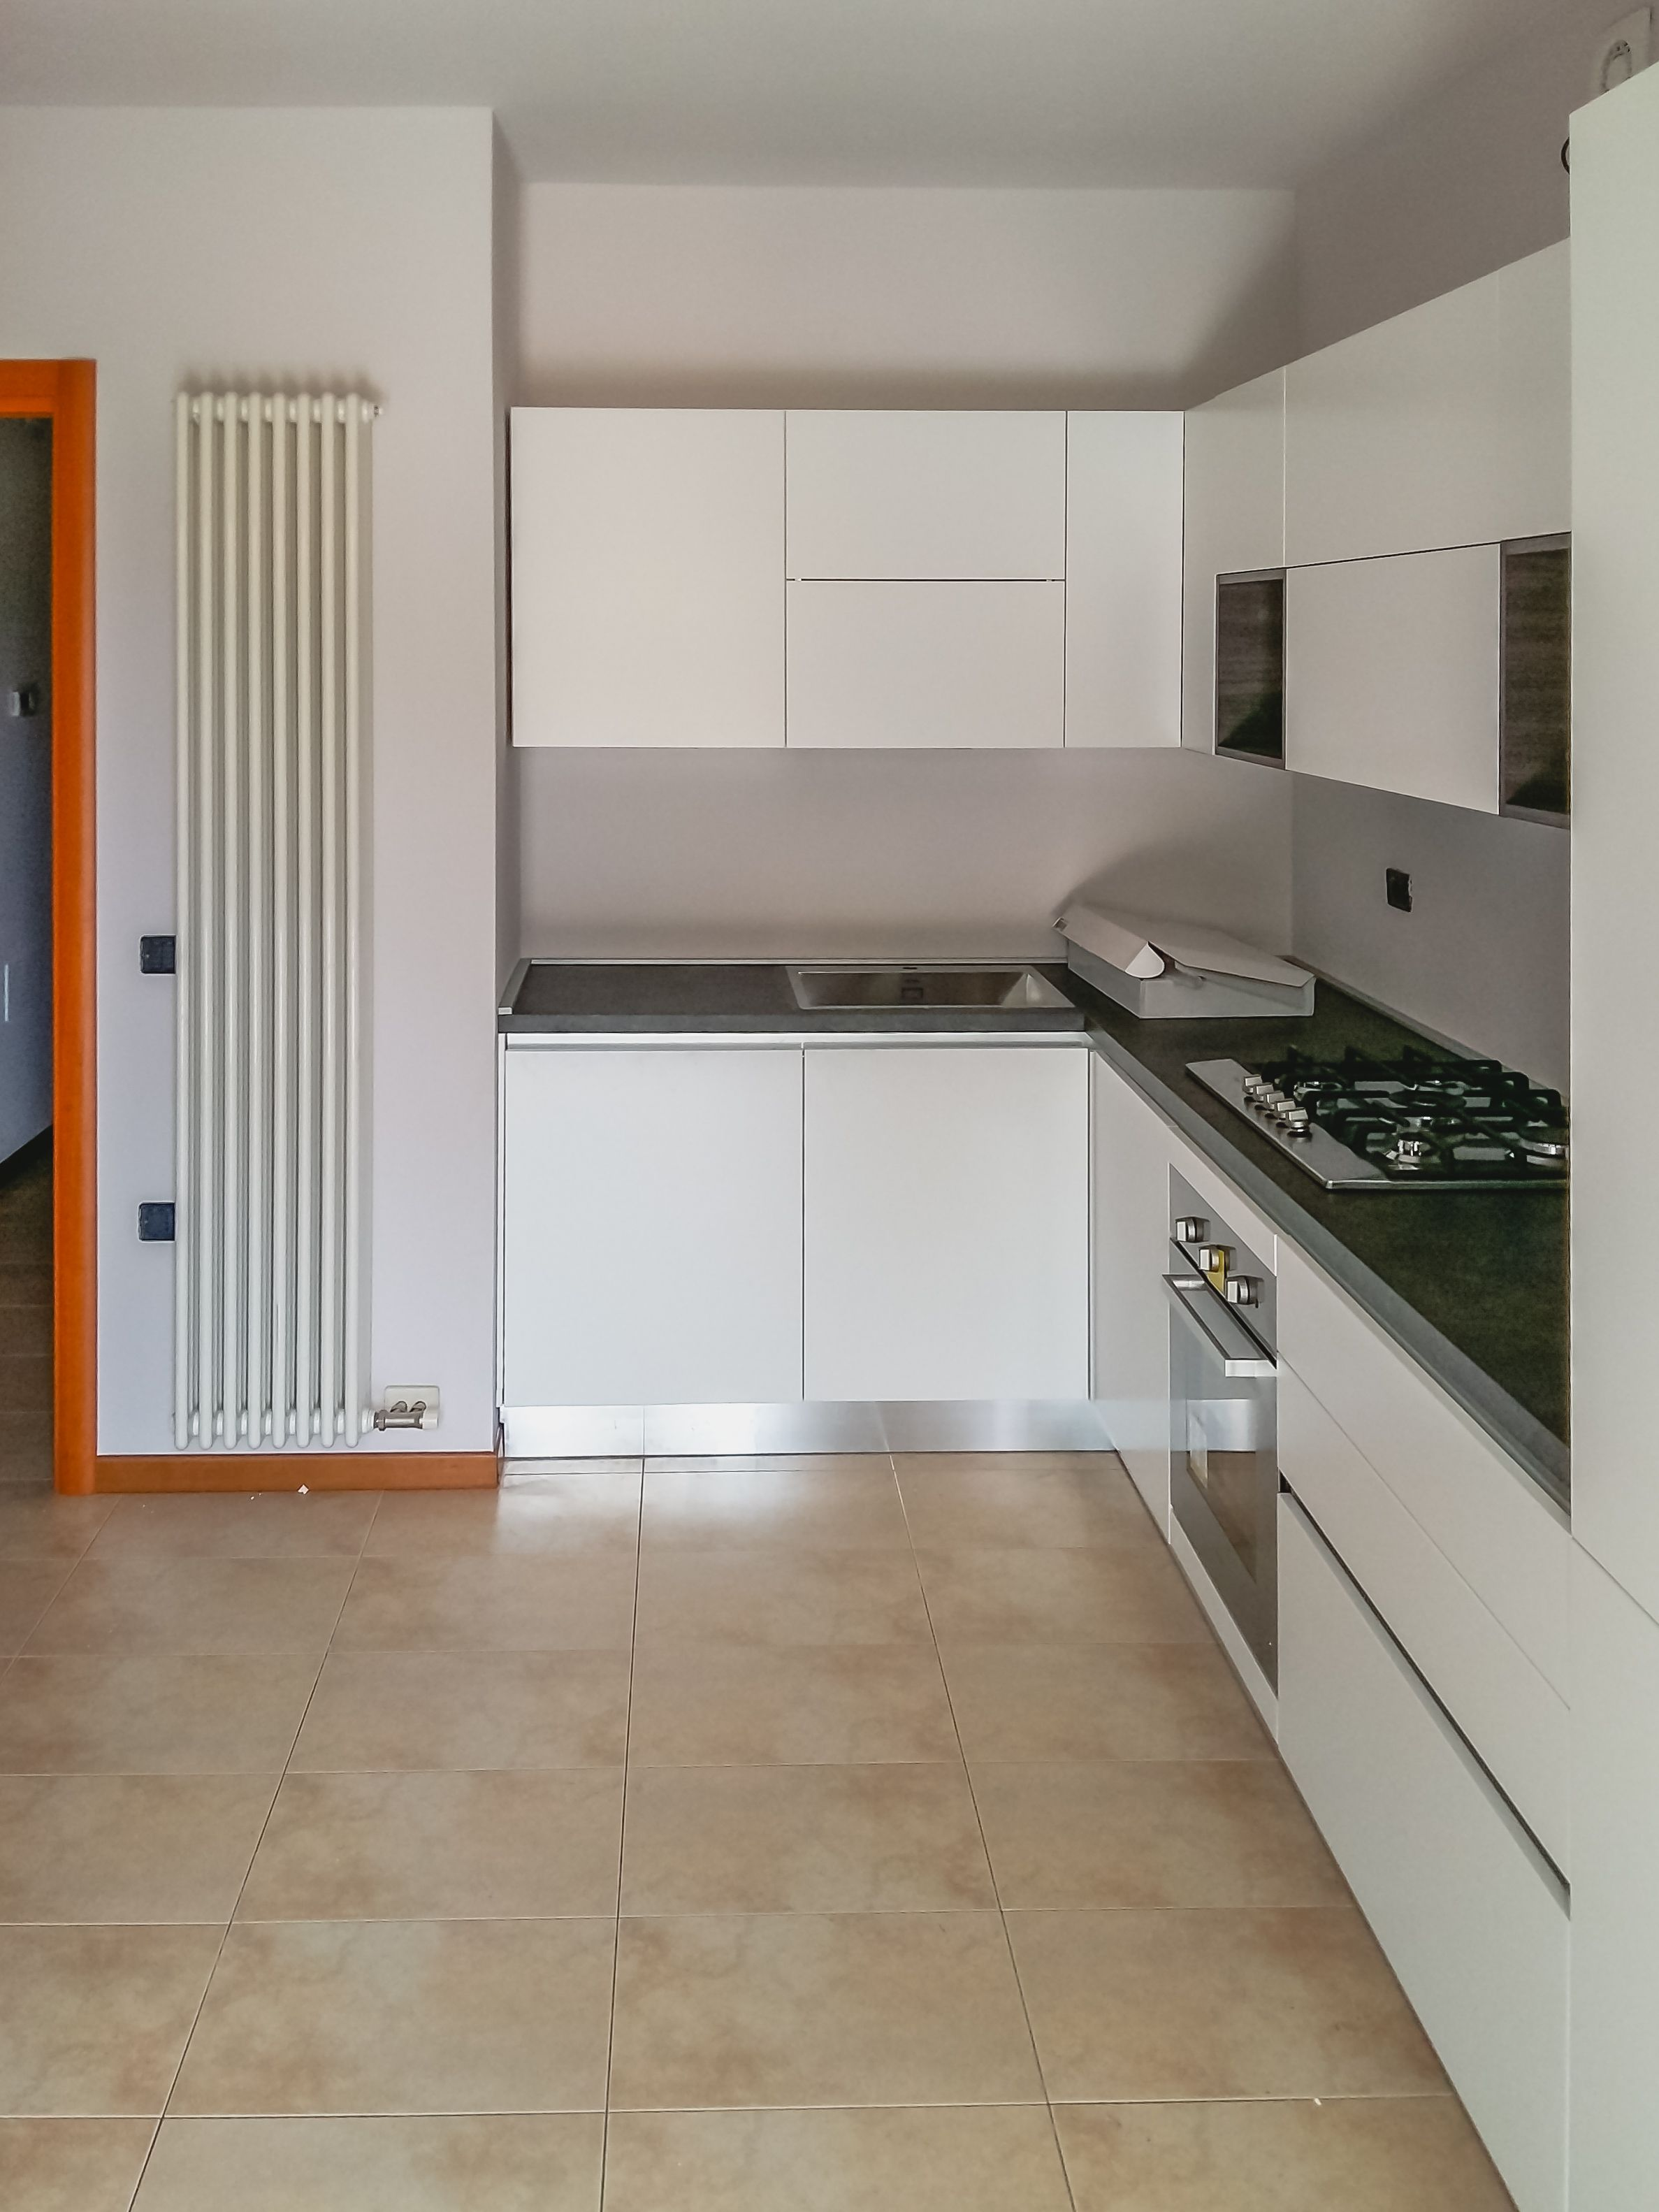 Cucina - Artec - Lungomare - laccato bianco opaco - maniglia gola ...